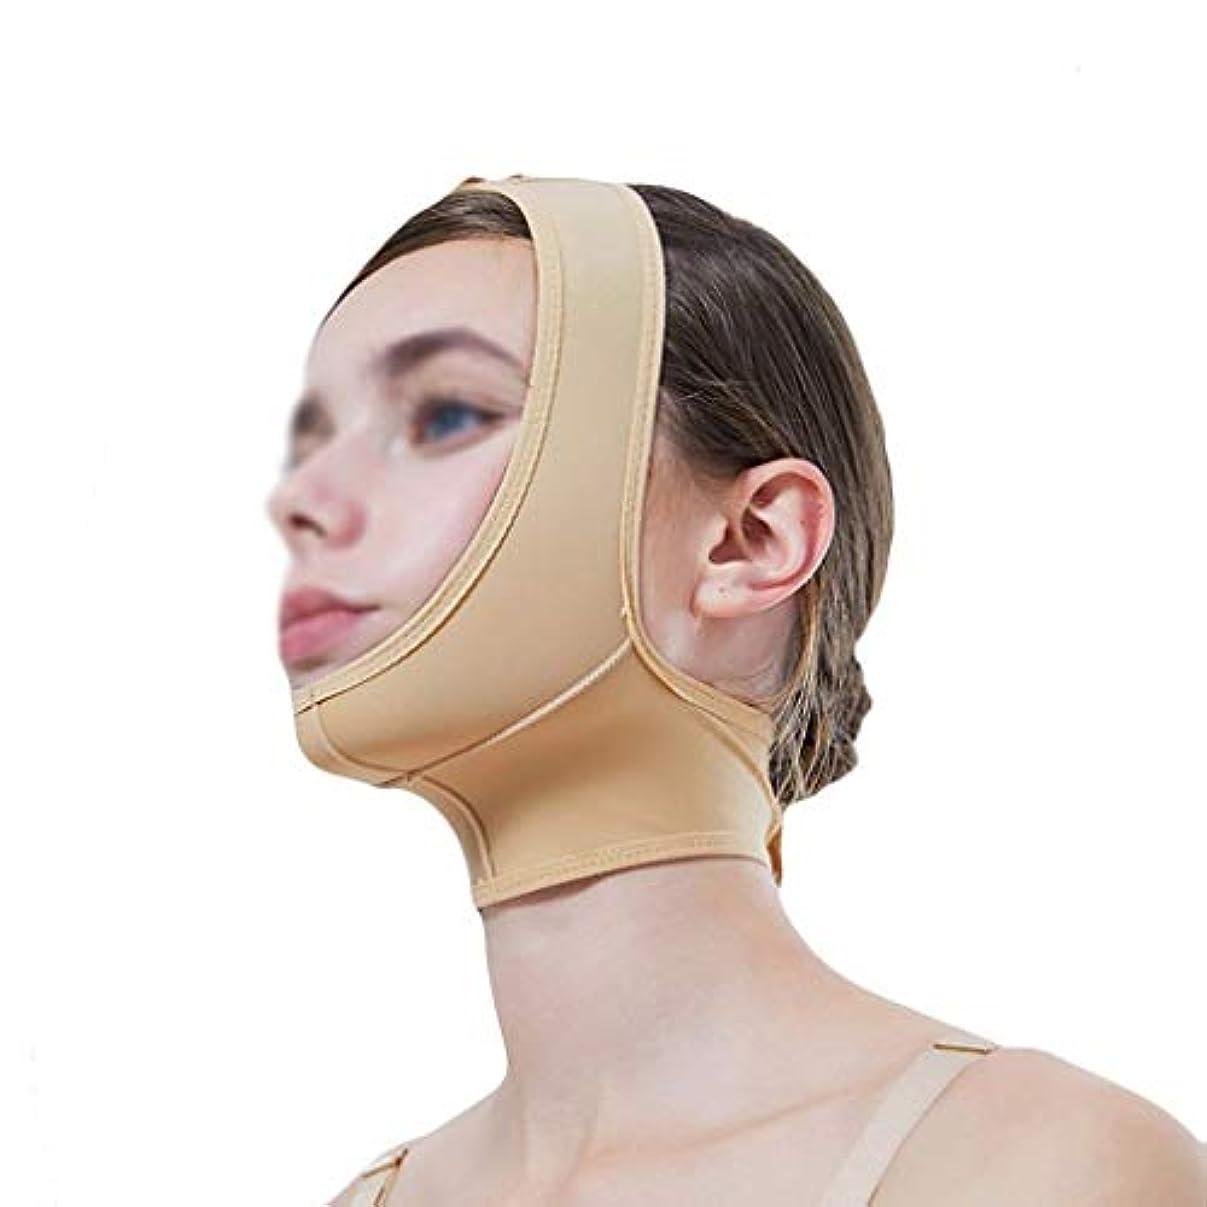 援助する安息ポーターマスク、超薄型ベルト、フェイスリフティングに適し、フェイスリフティング、通気性包帯、あご取りベルト、超薄型ベルト、通気性(サイズ:XL),M